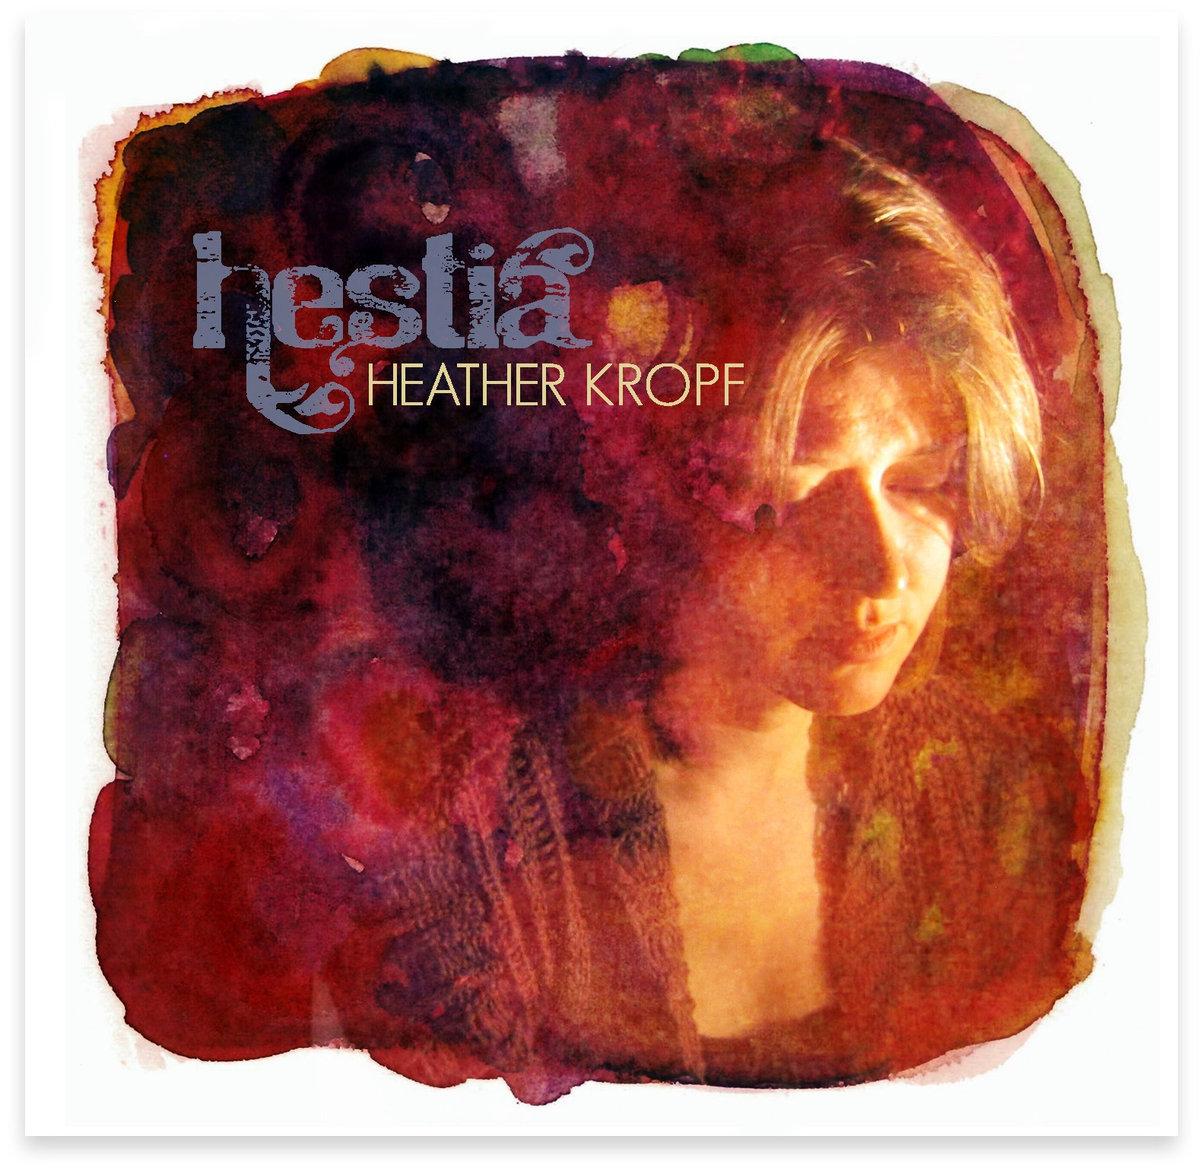 Hestia album cover.jpg